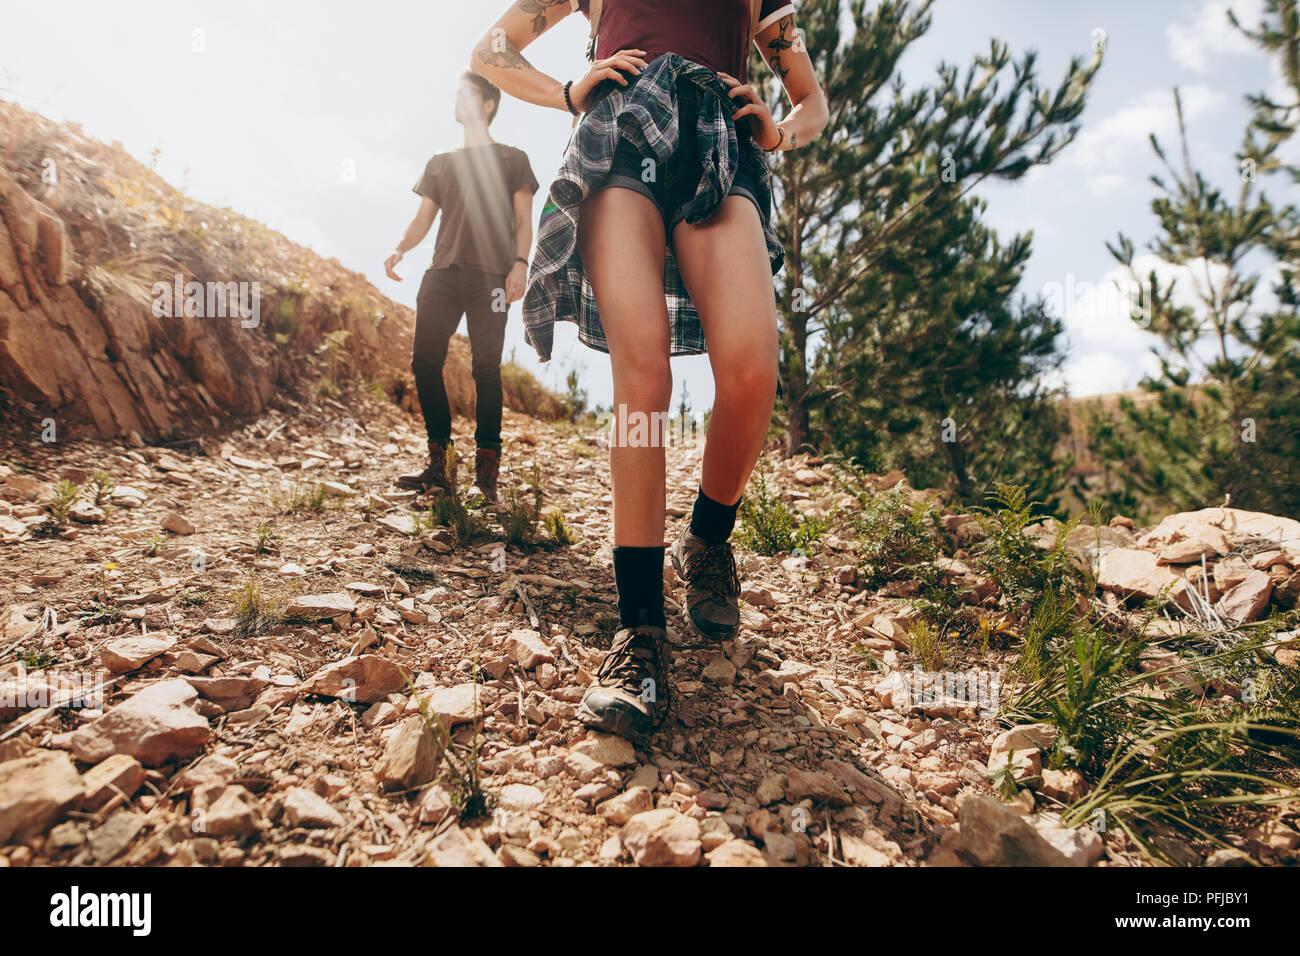 Explorer giovane a camminare in una foresta. Donna che cammina su un sentiero roccioso con il suo partner dopo di lei in una giornata di sole. Immagini Stock